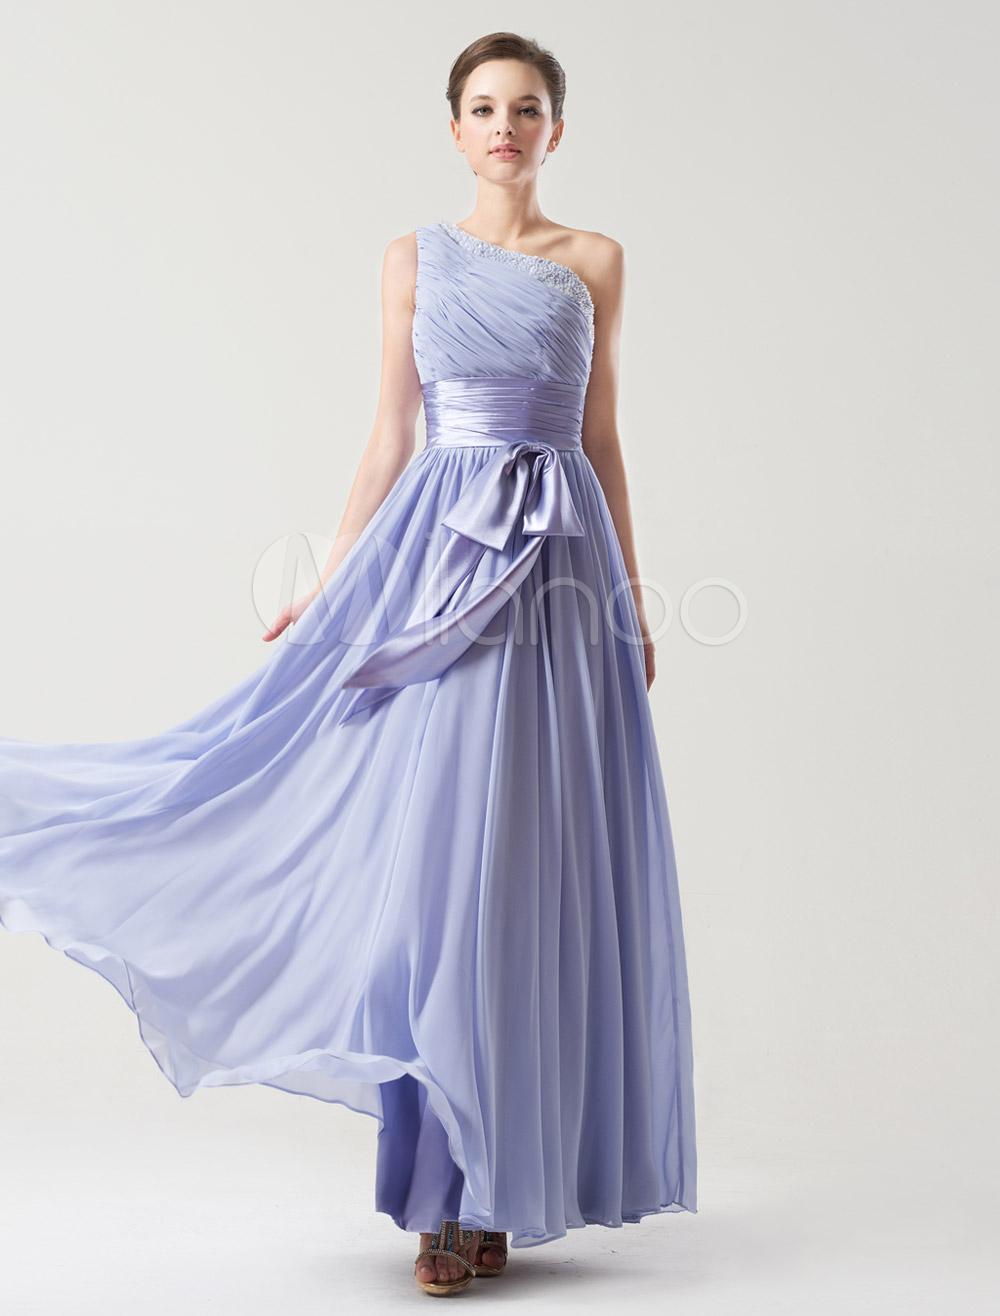 ee1fa76ef Milanoo / One-Shoulder Chiffon Lavender Bridesmaid Dress en 2019 ...